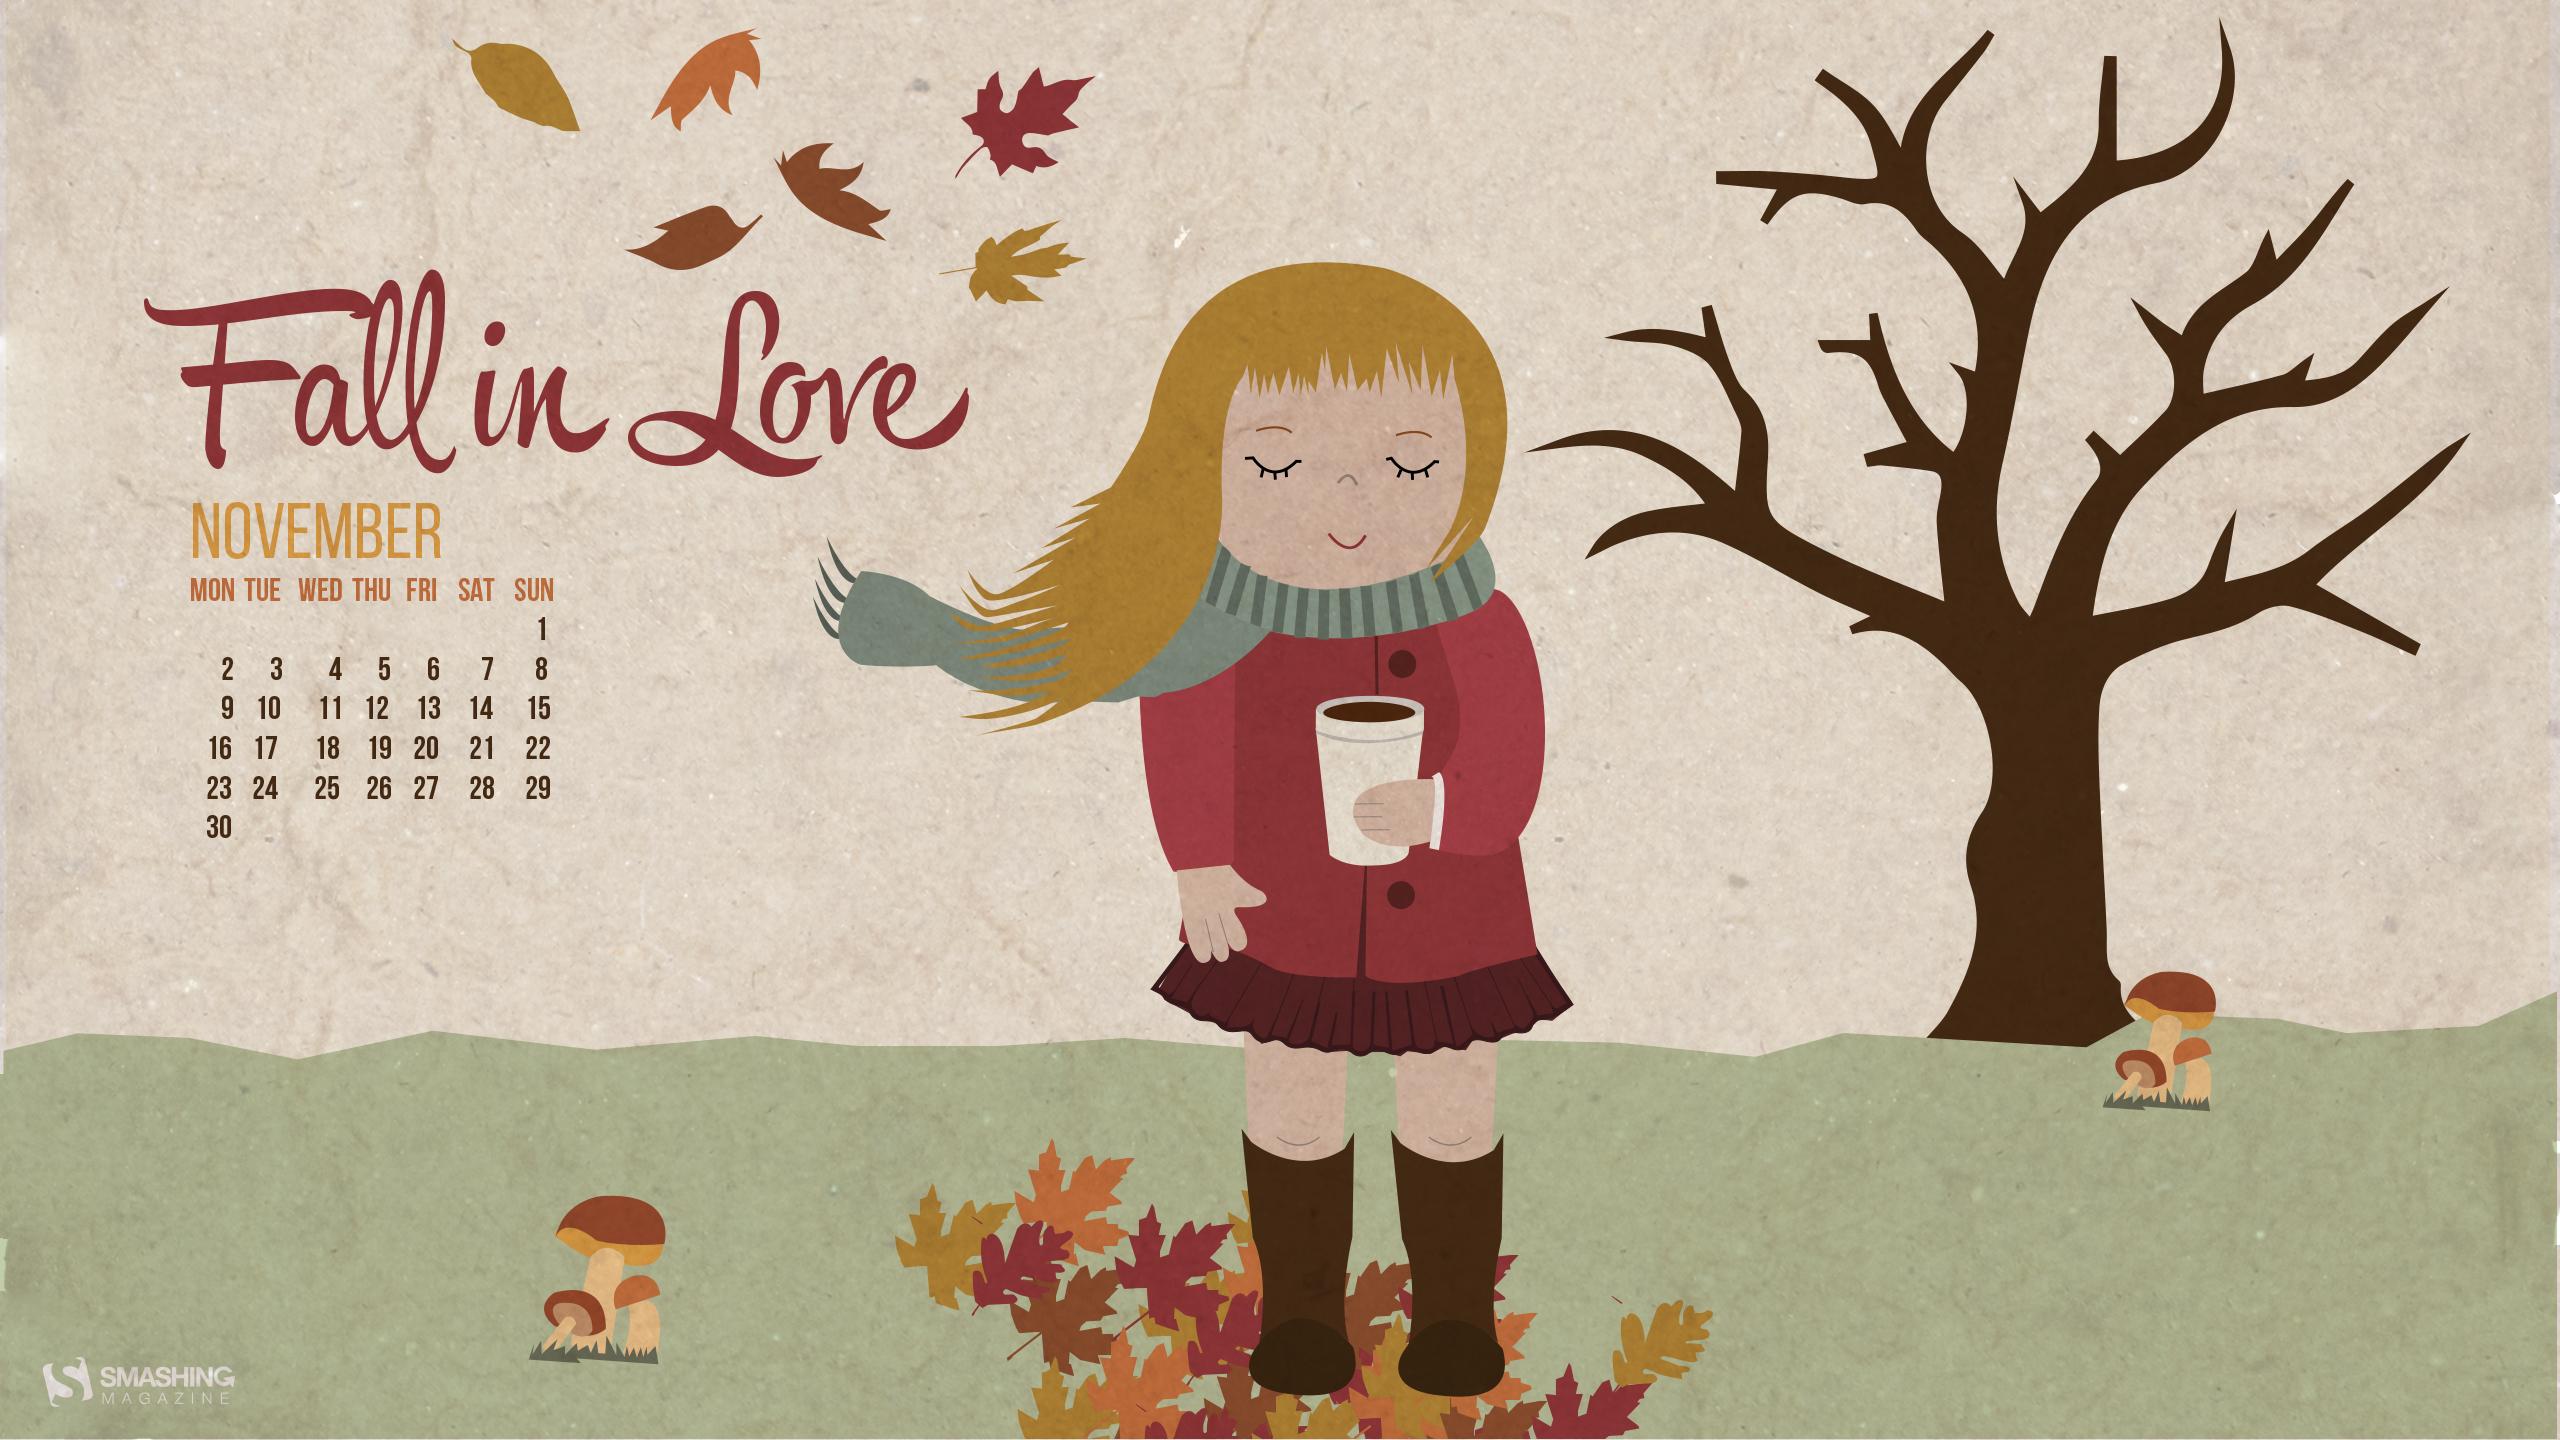 Autumn Love November 2015 Calendars Desktop Wallpaper-2560x1440